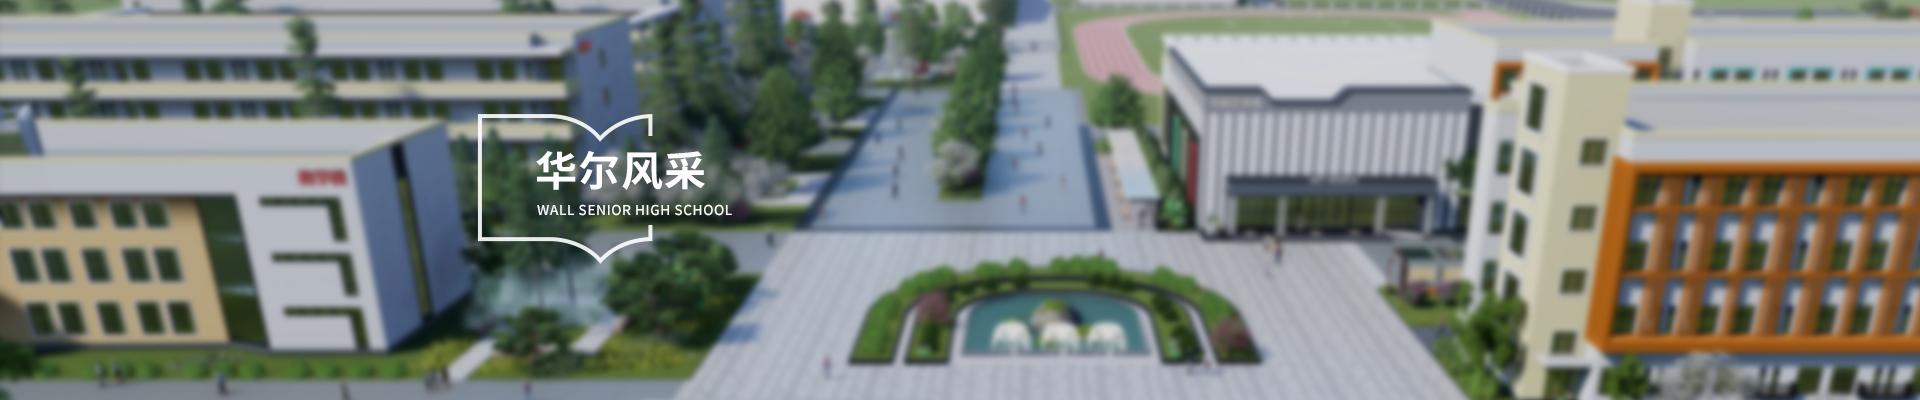 华尔校园1